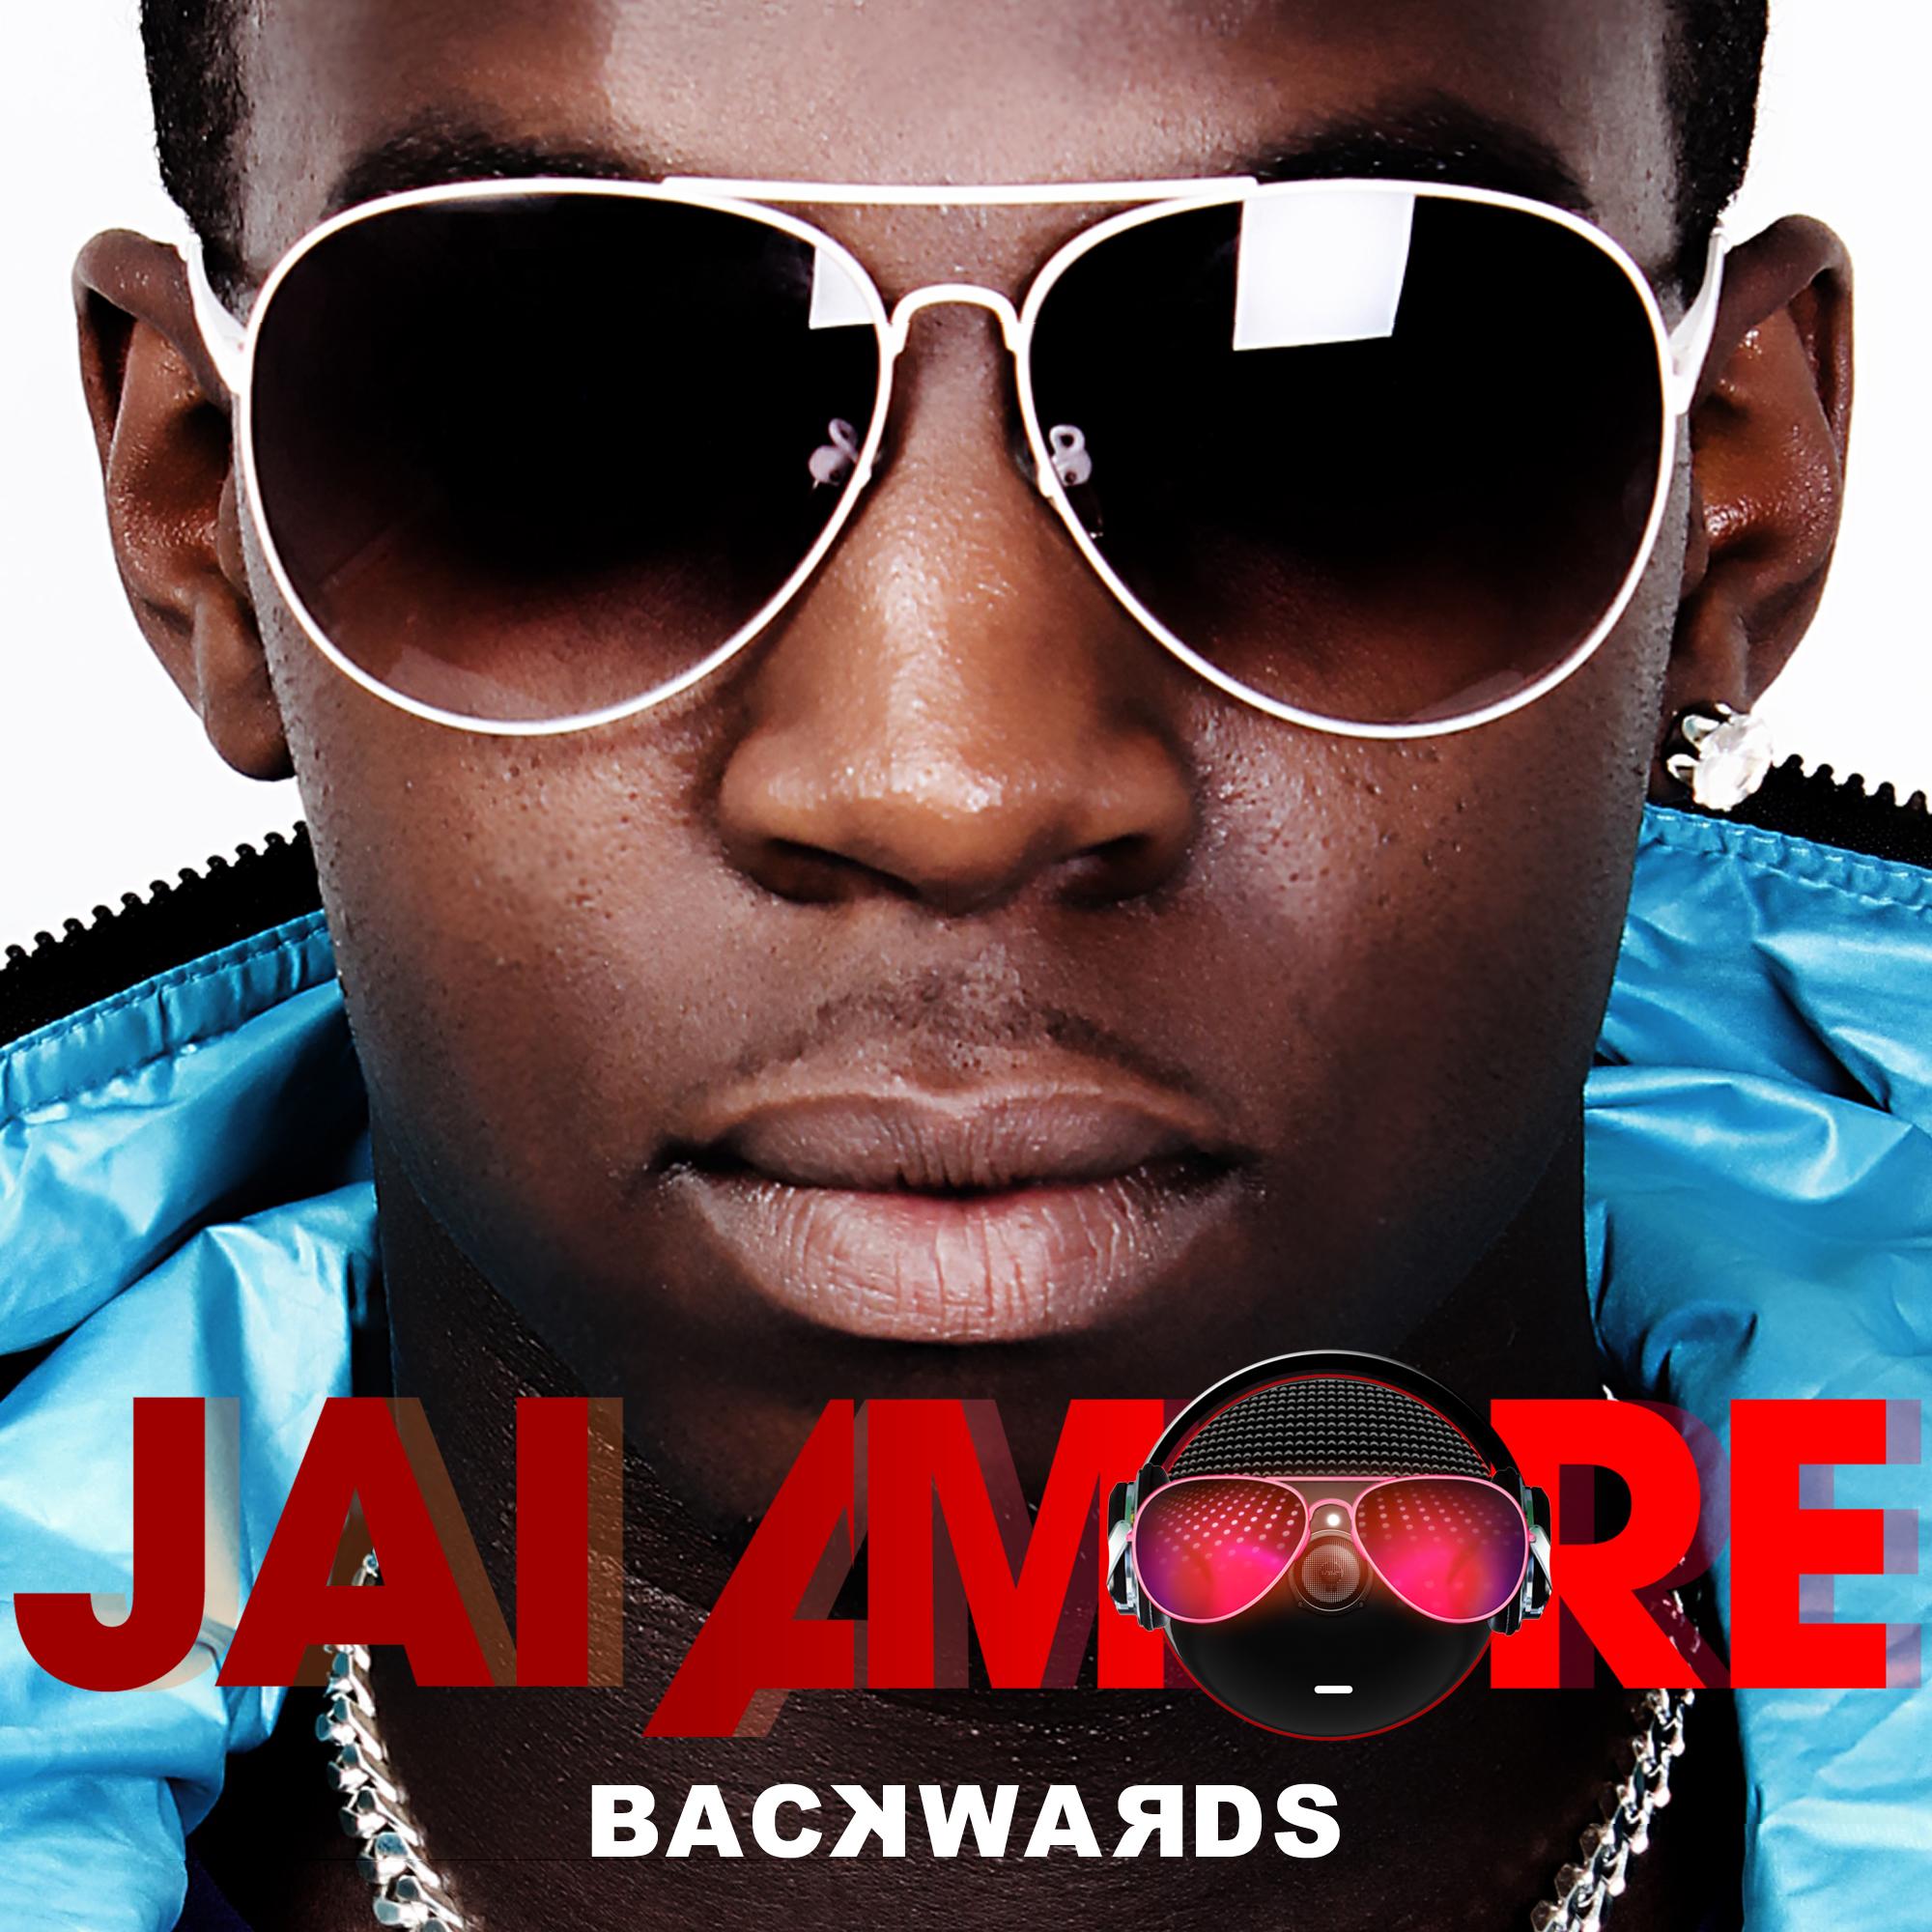 ***MUSIC: Jai Amore – Backwards ***